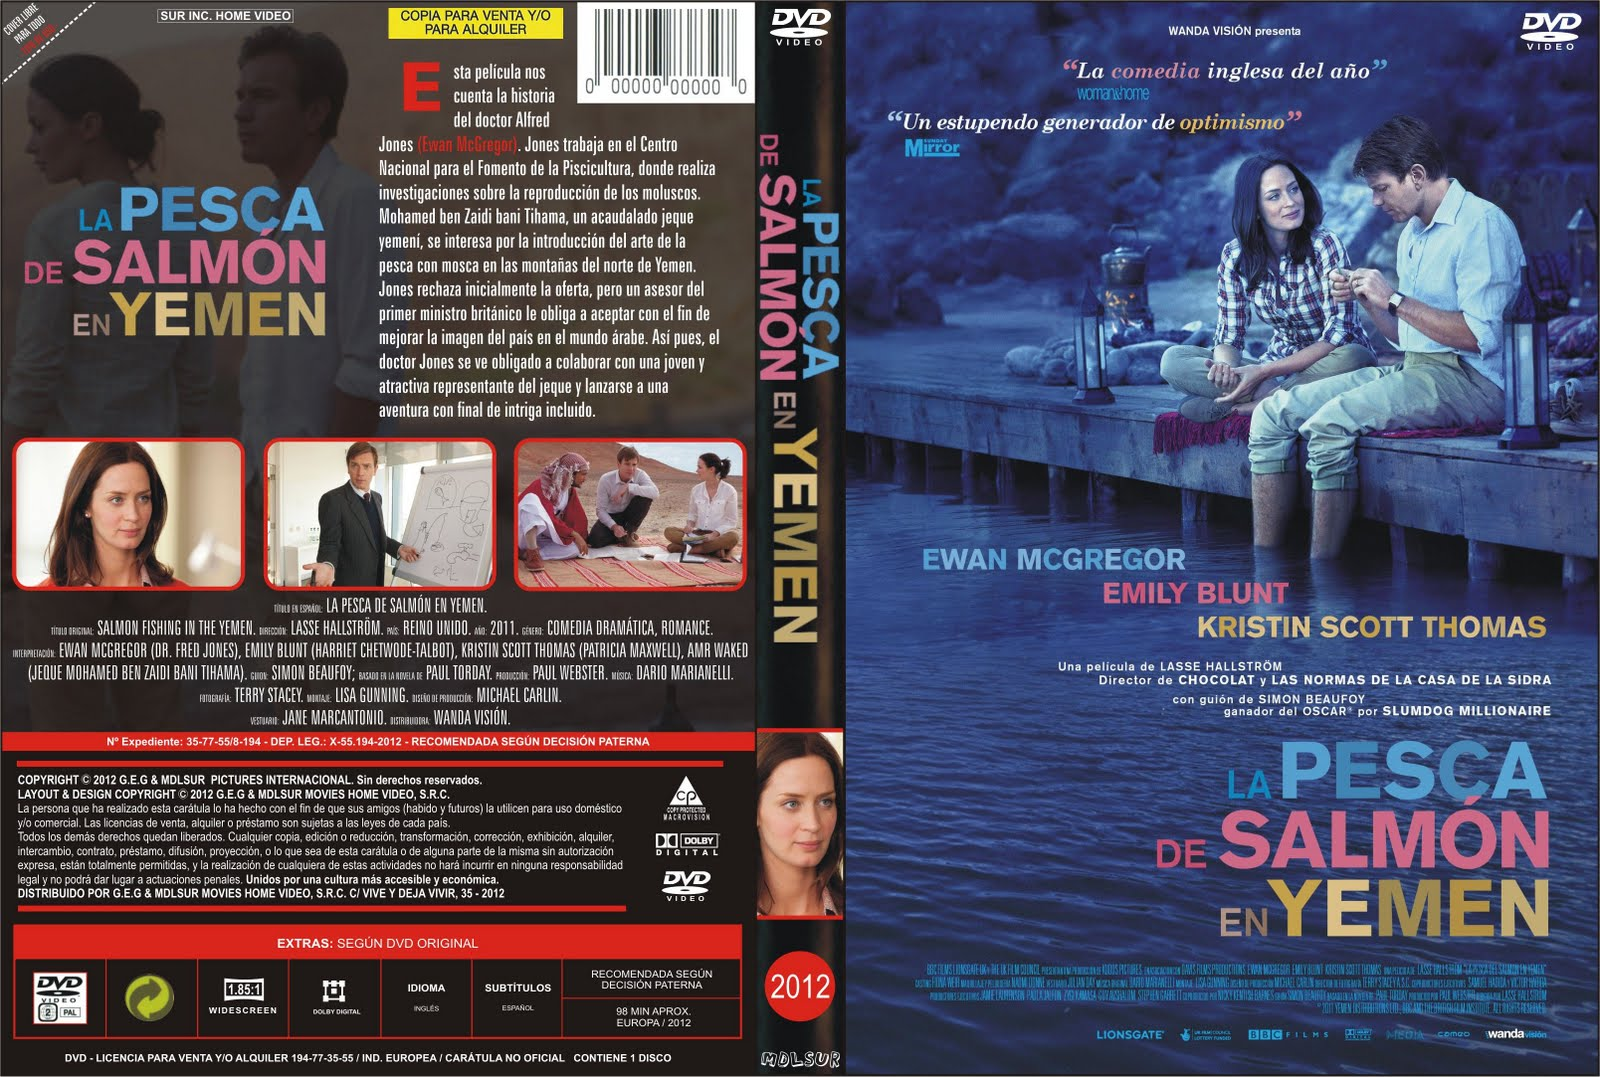 http://4.bp.blogspot.com/-YENBedtLG2s/T_Hb6r3mfvI/AAAAAAAABnY/sn7ZPNljaow/s1600/La+Pesca+De+Salmon+En+Yemen+Custom+Por+Mdlsur+-+dvd.jpg